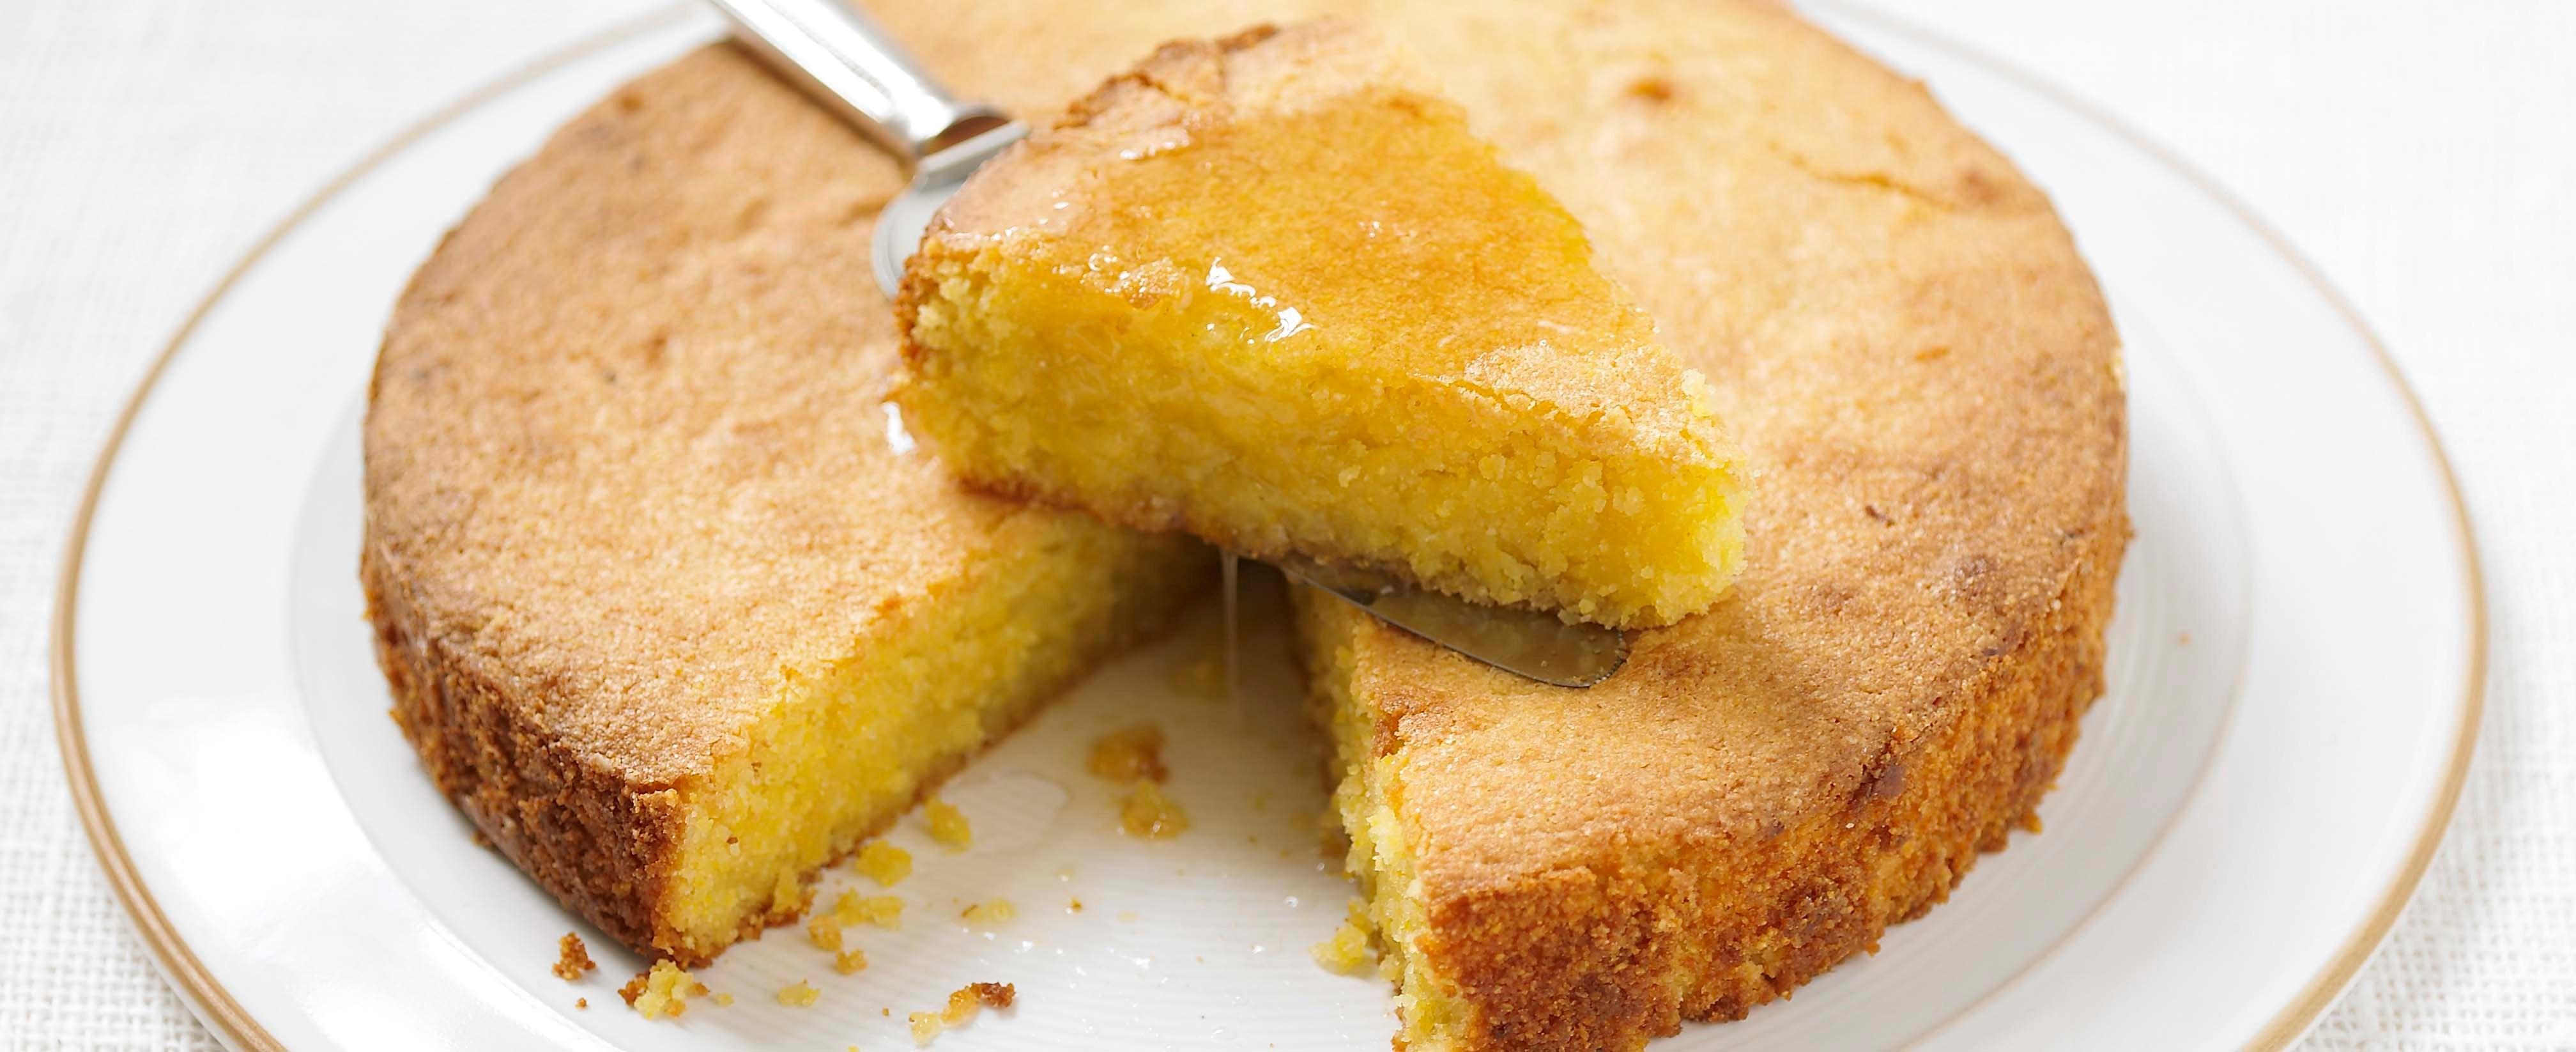 Lemon Cake With Limoncello Syrup